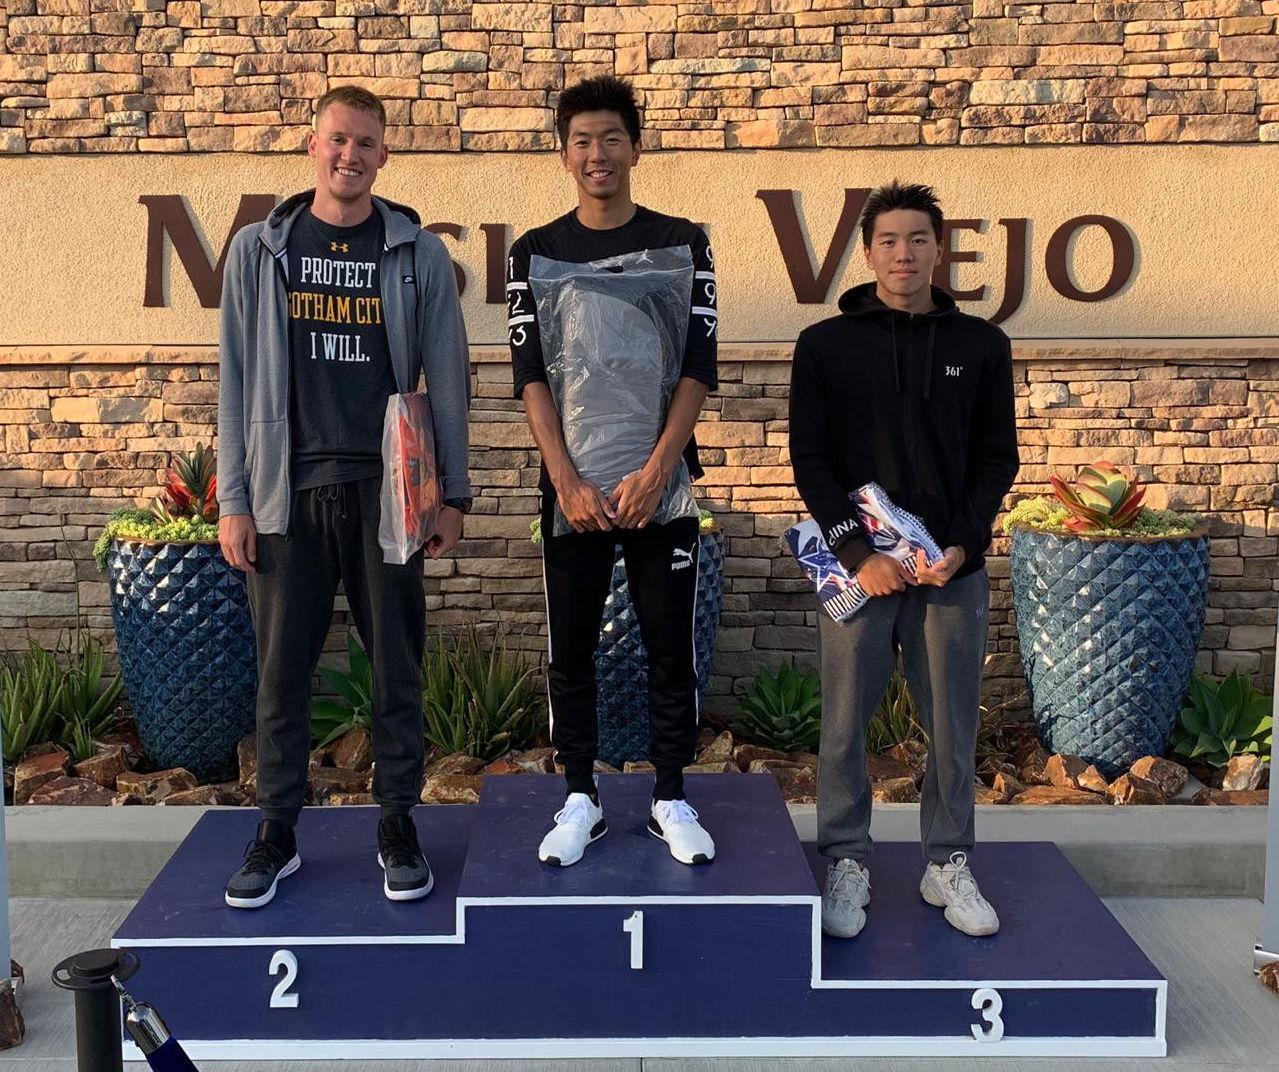 Дмитрий Баландин АҚШ-тағы халықаралық турнирде екінші күміс медалін жеңіп алды